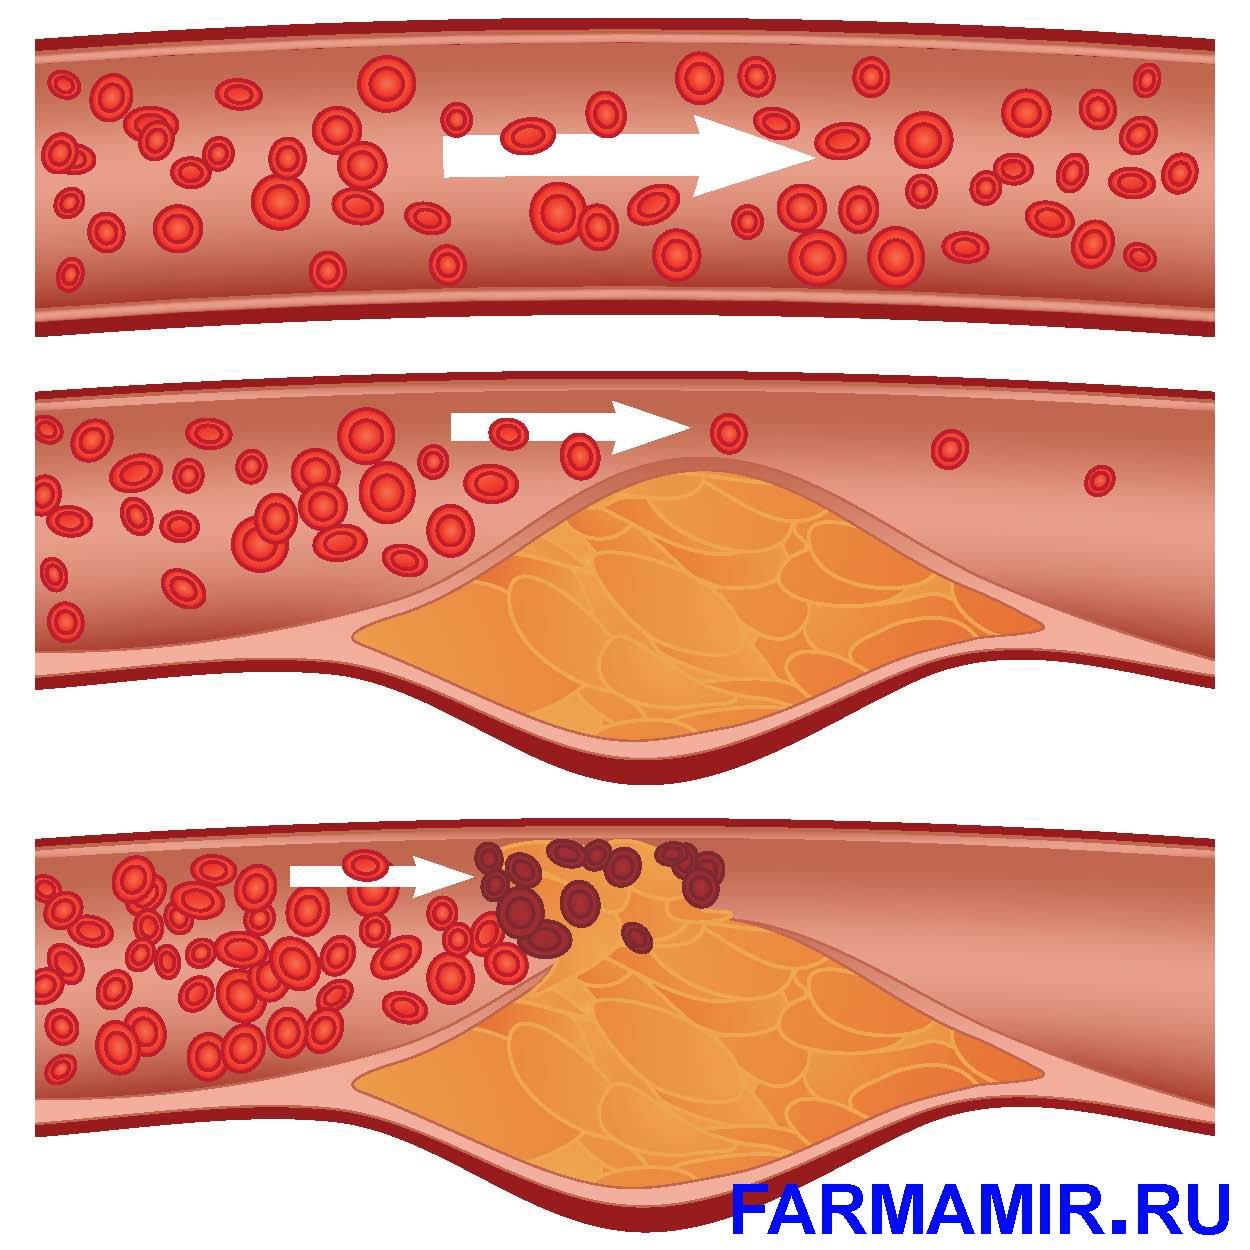 атеросклероз коронарных артерий.